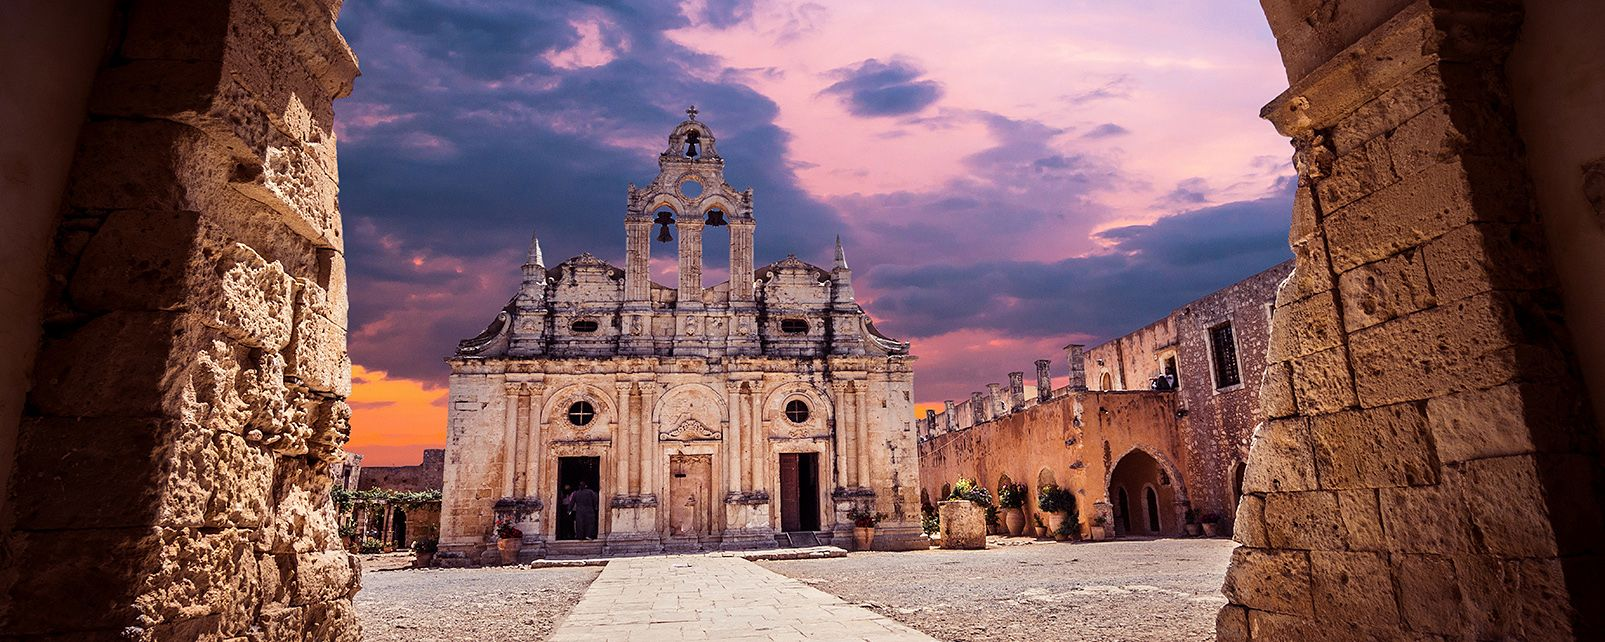 Le Monastère d'Arkadi, Monastère d'Arkadi, Les monuments, Crète